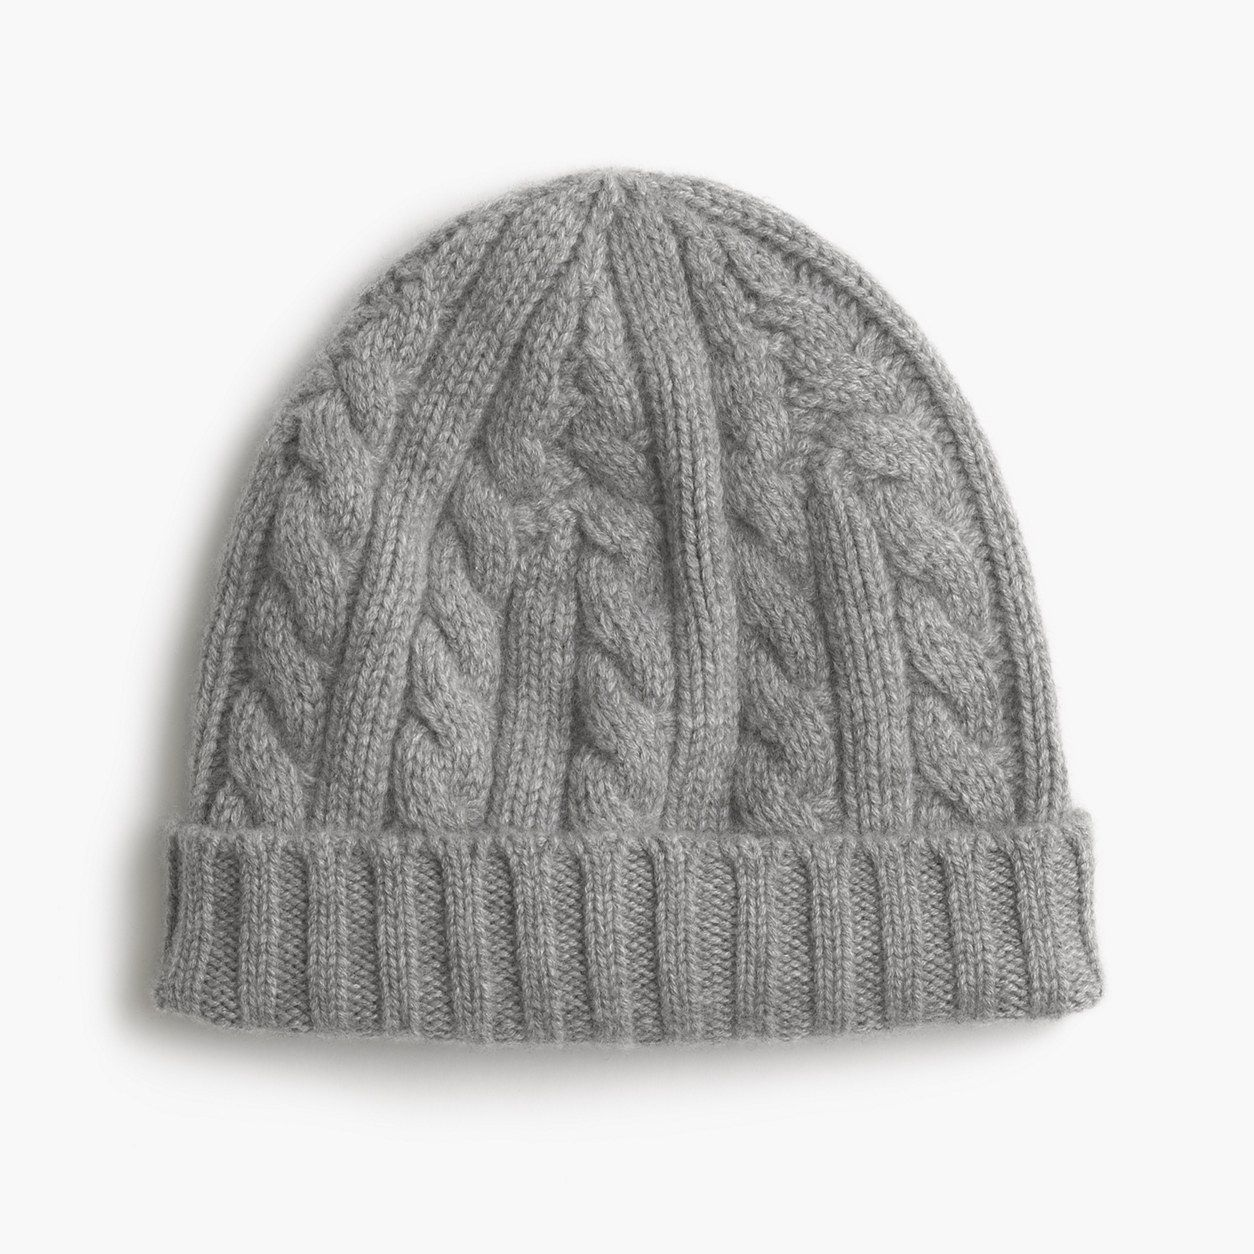 J.Crew Mens Cashmere Cable-Knit Beanie Hat  1ec87ea41